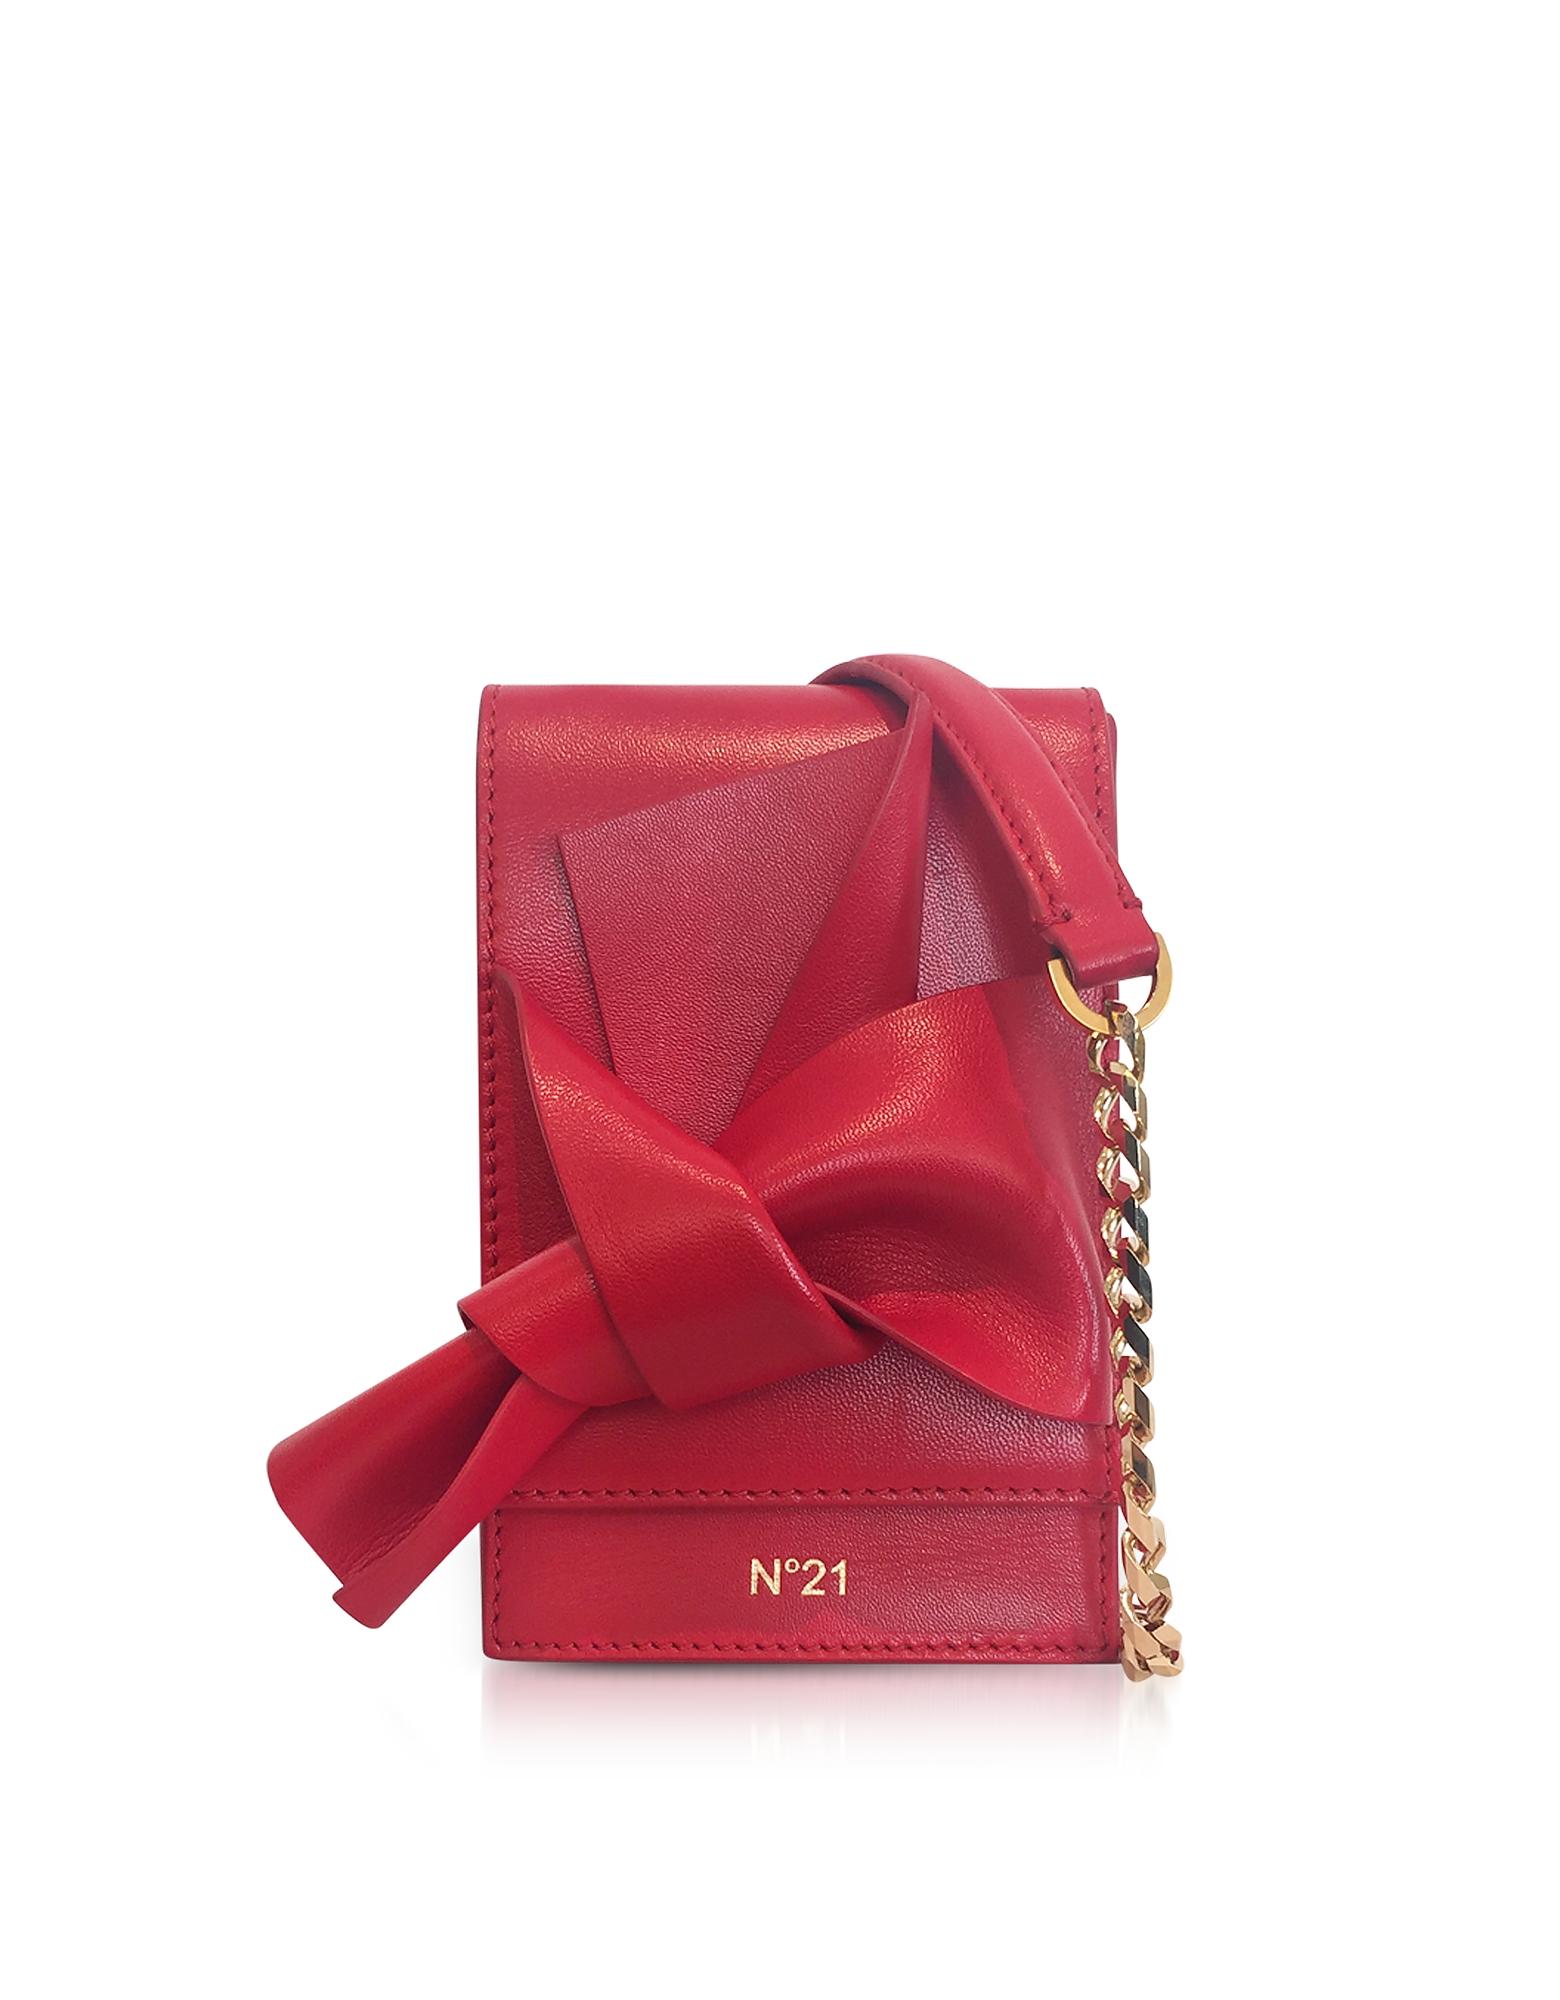 Micro Bow Bag in Pelle Rosso Lipstick con Maxi Fiocco